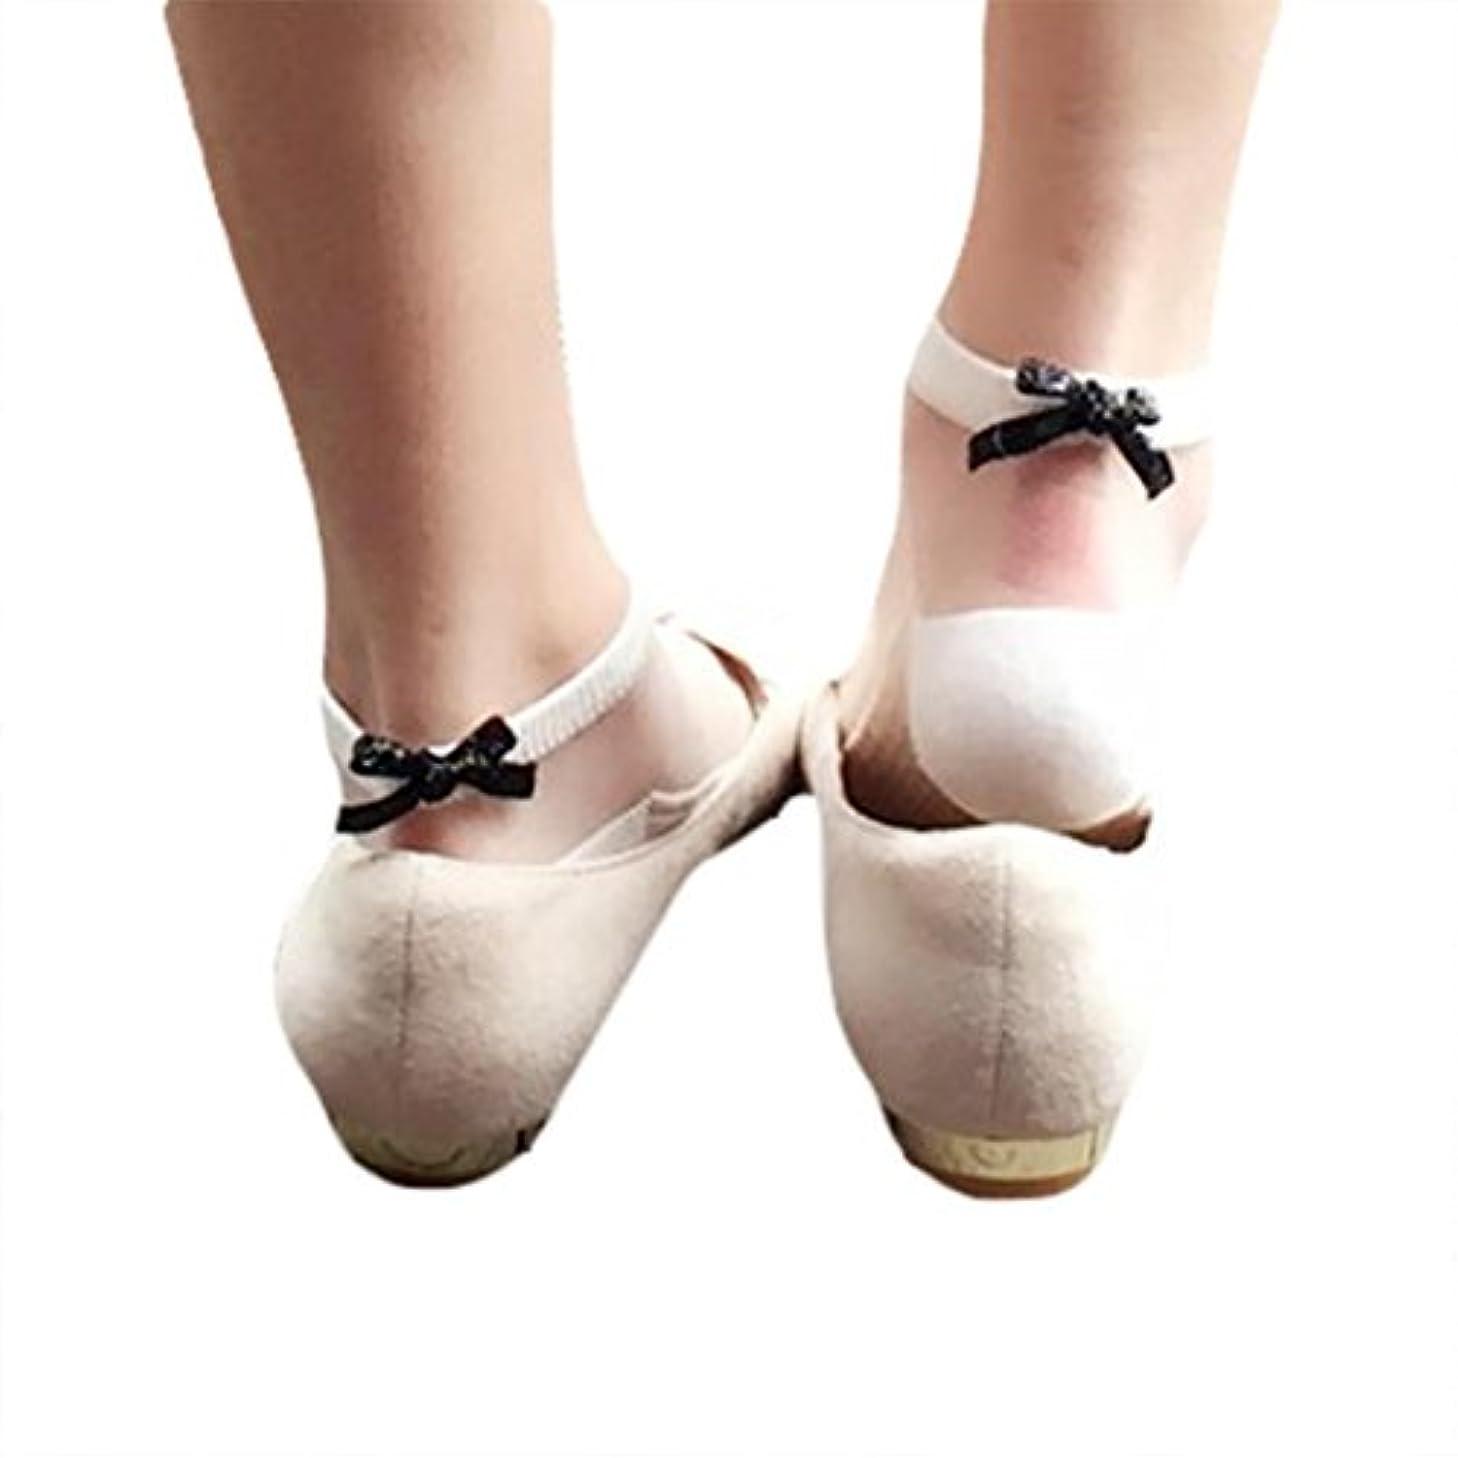 保持ディーラー一貫性のないFeiscat  5足セット ショートソックス 透明な靴下 アンクカバー シースルー ソックス レディース カジュアル ショートソックス 靴下 女性 可愛い ちょ結び セクシー 無地